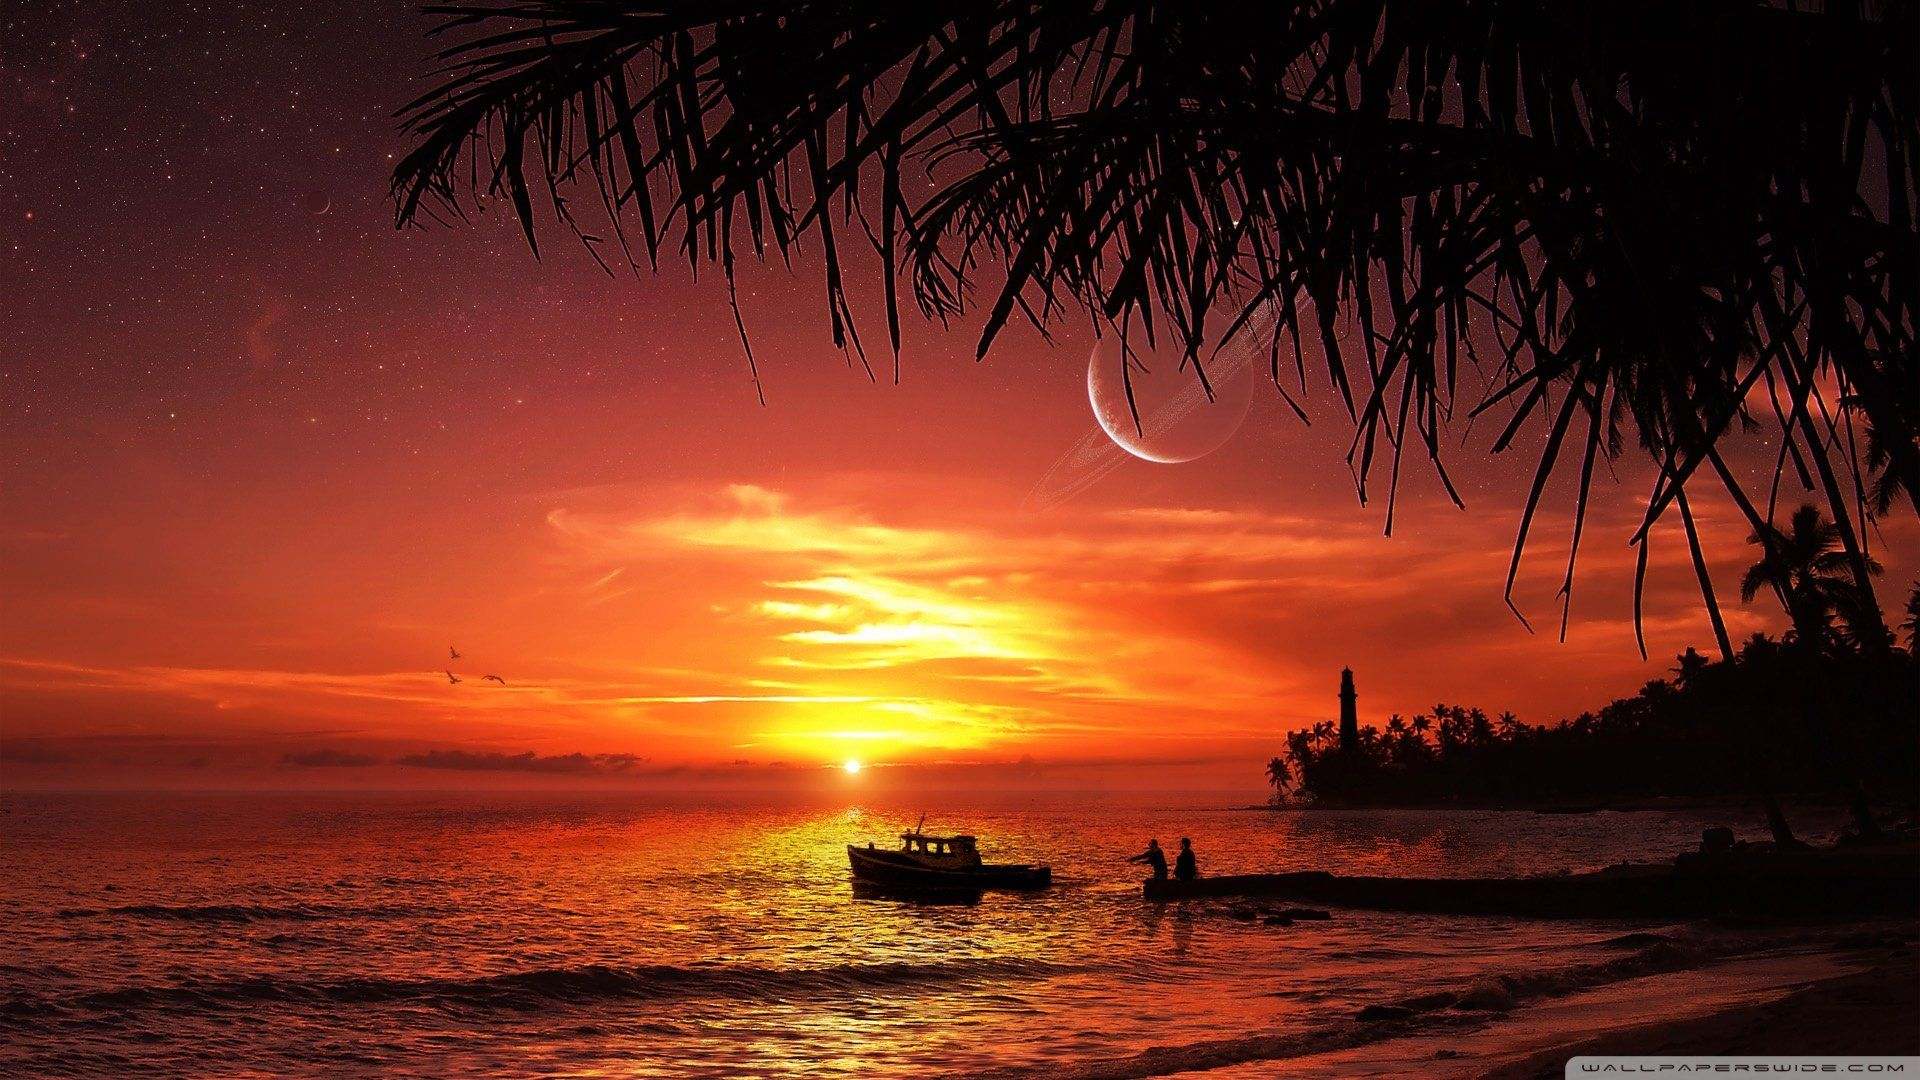 Beach Sunset Wallpapers 1024x768 51